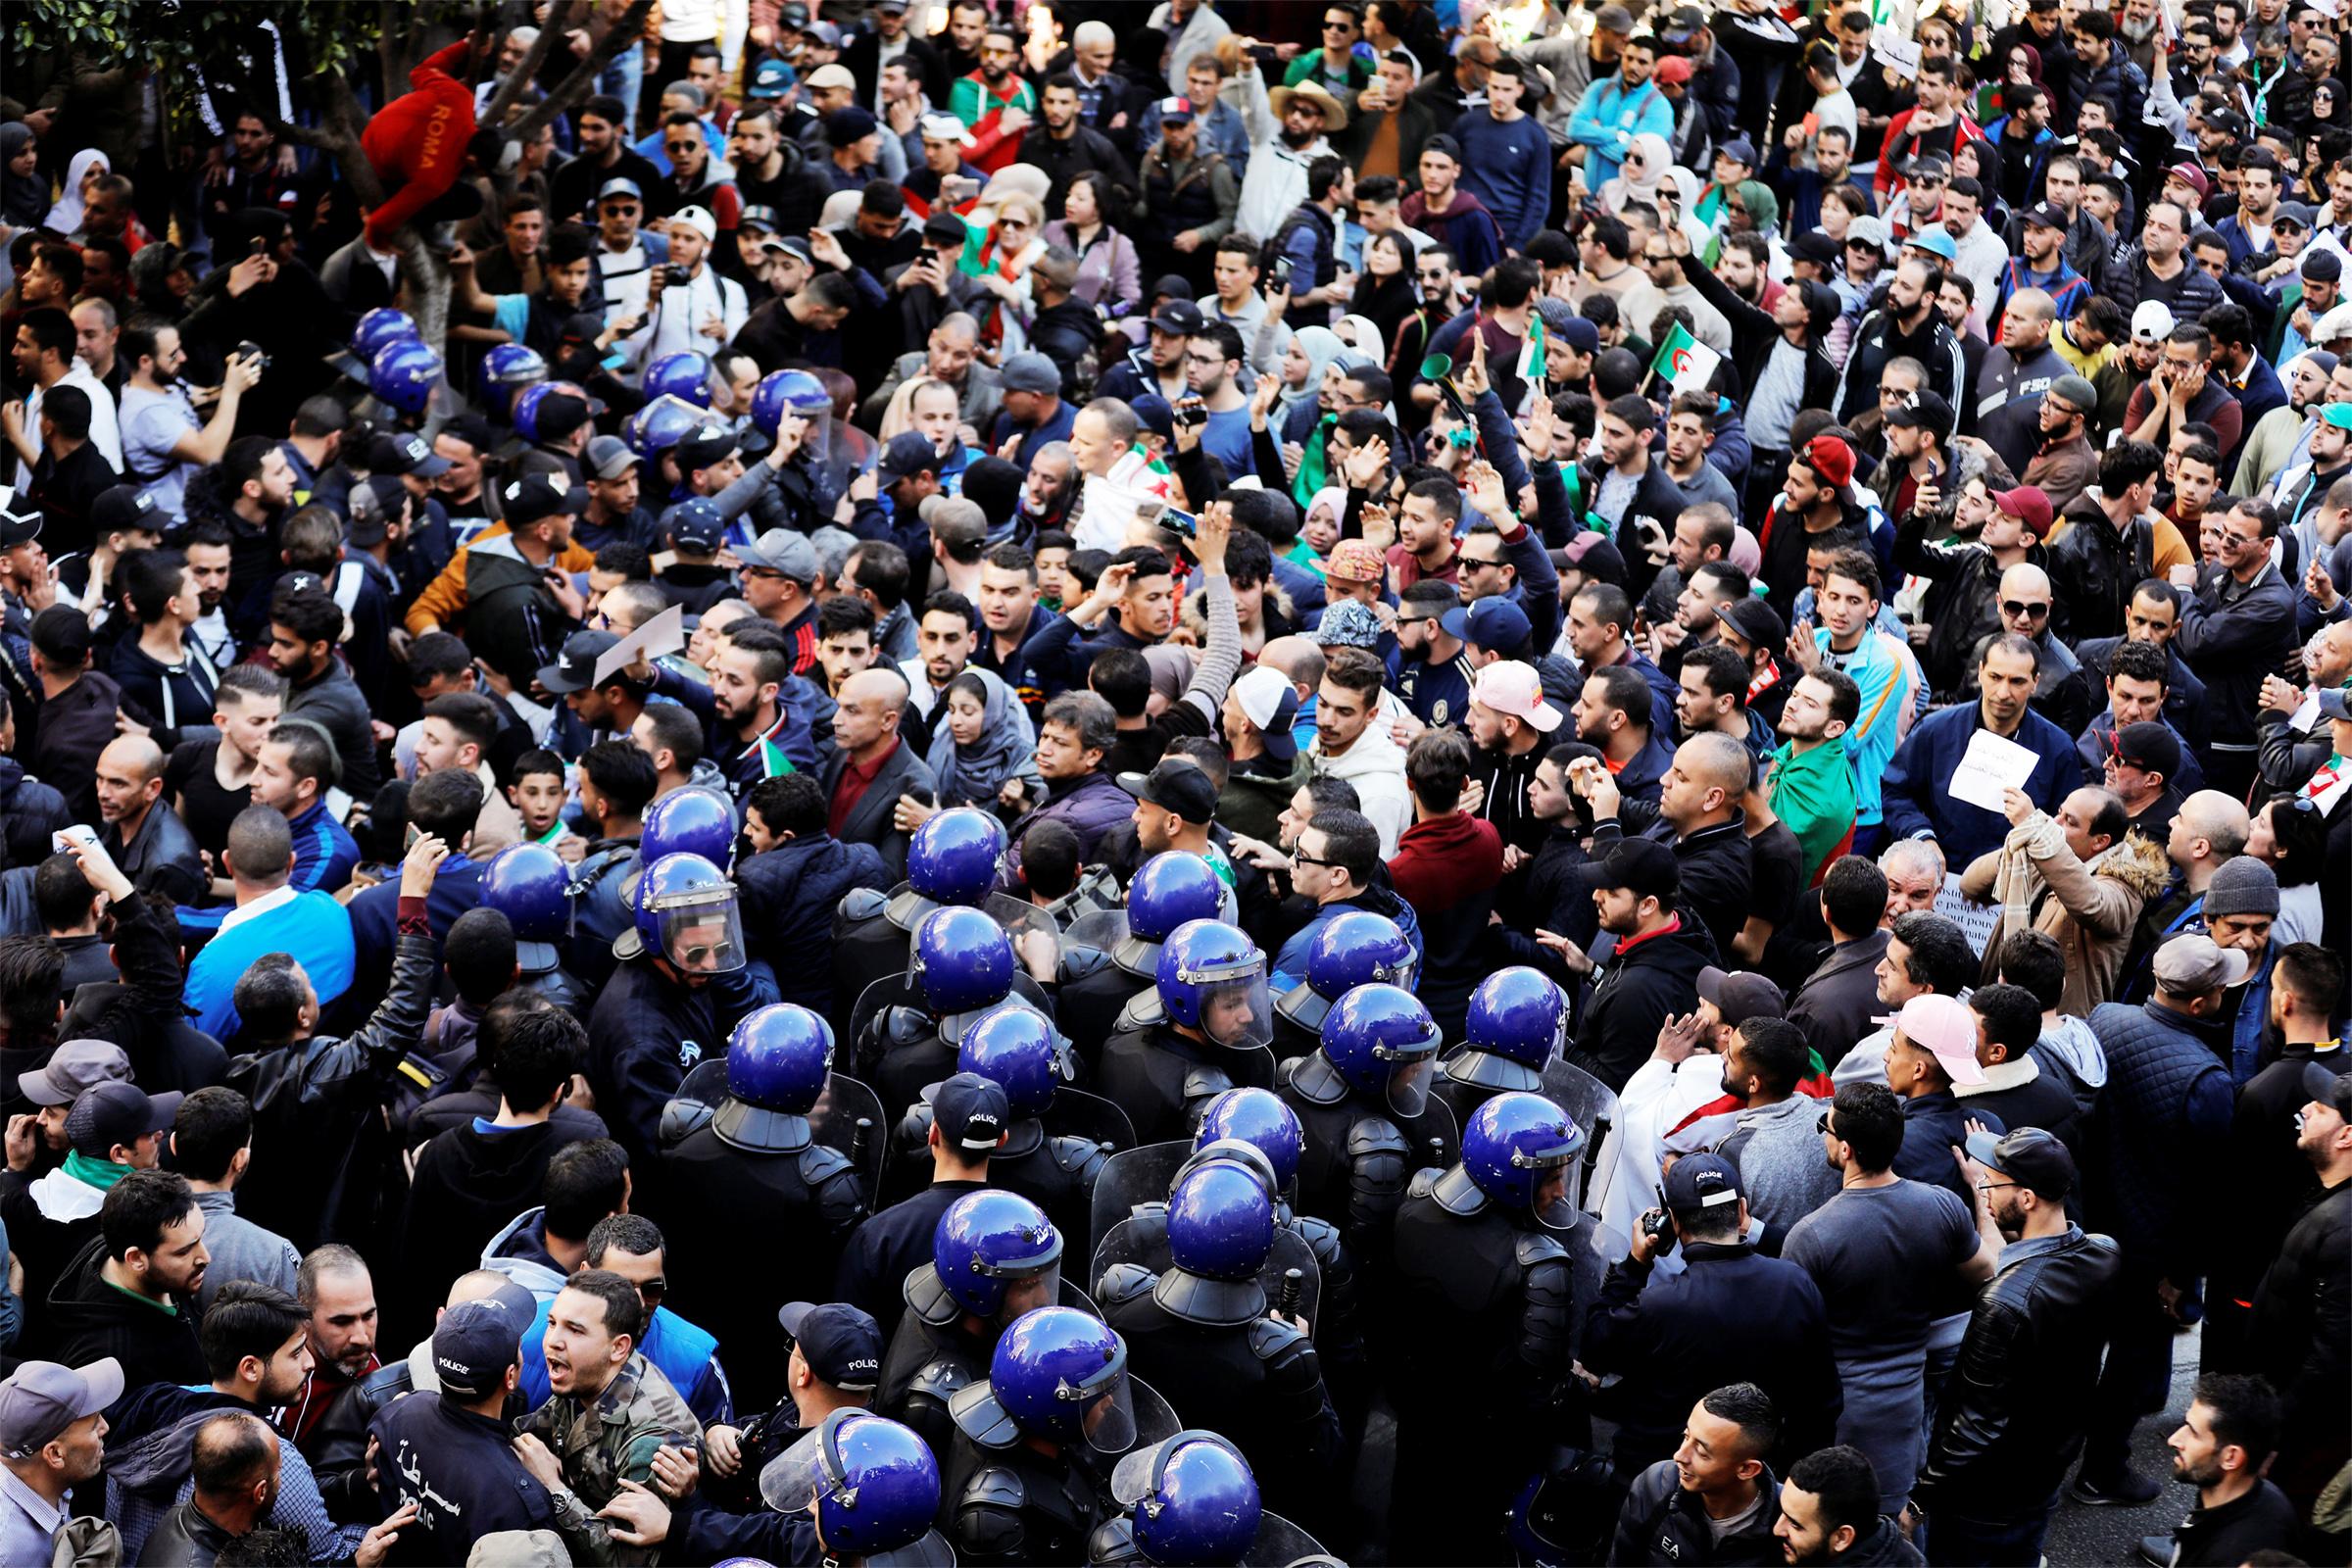 Polis memurları, Cumhurbaşkanı Abdelaziz Bouteflika'ya karşı düzenlenen bir protesto sırasında hükümet sarayına ulaşmaya çalışan insanları dağıtmaya çalışıyor.JPG